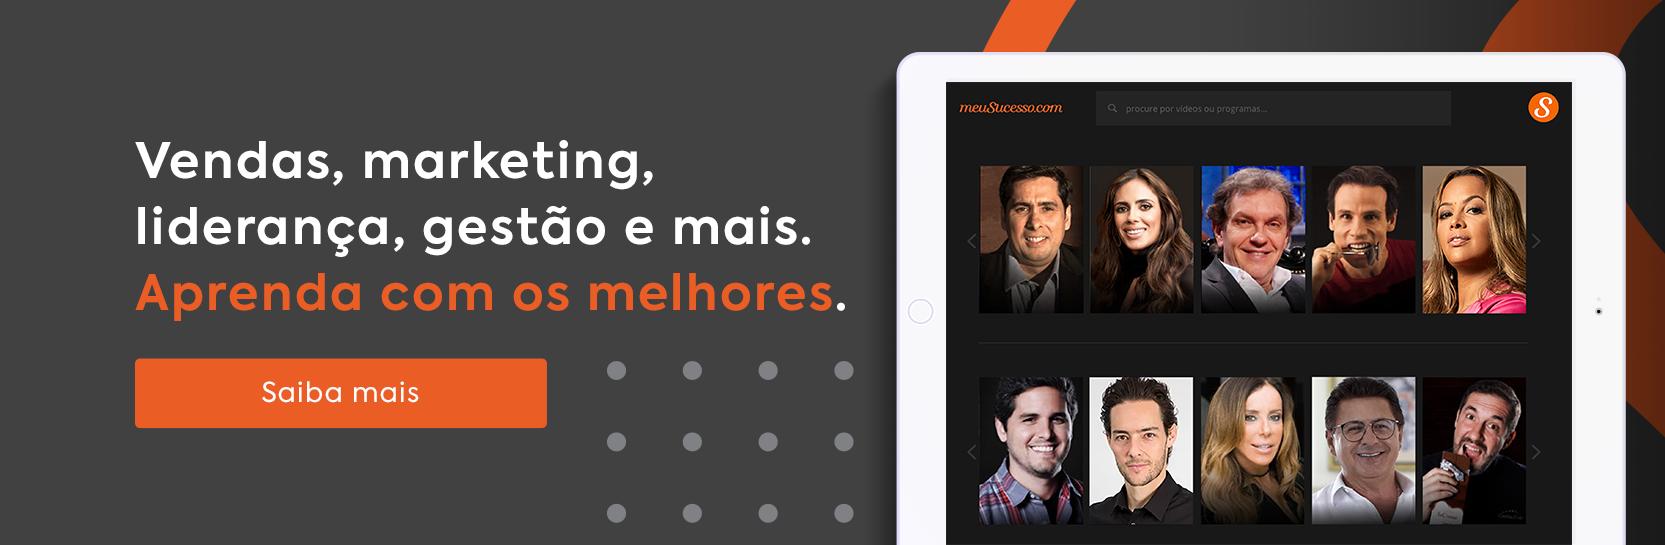 Banner meuSucesso.com